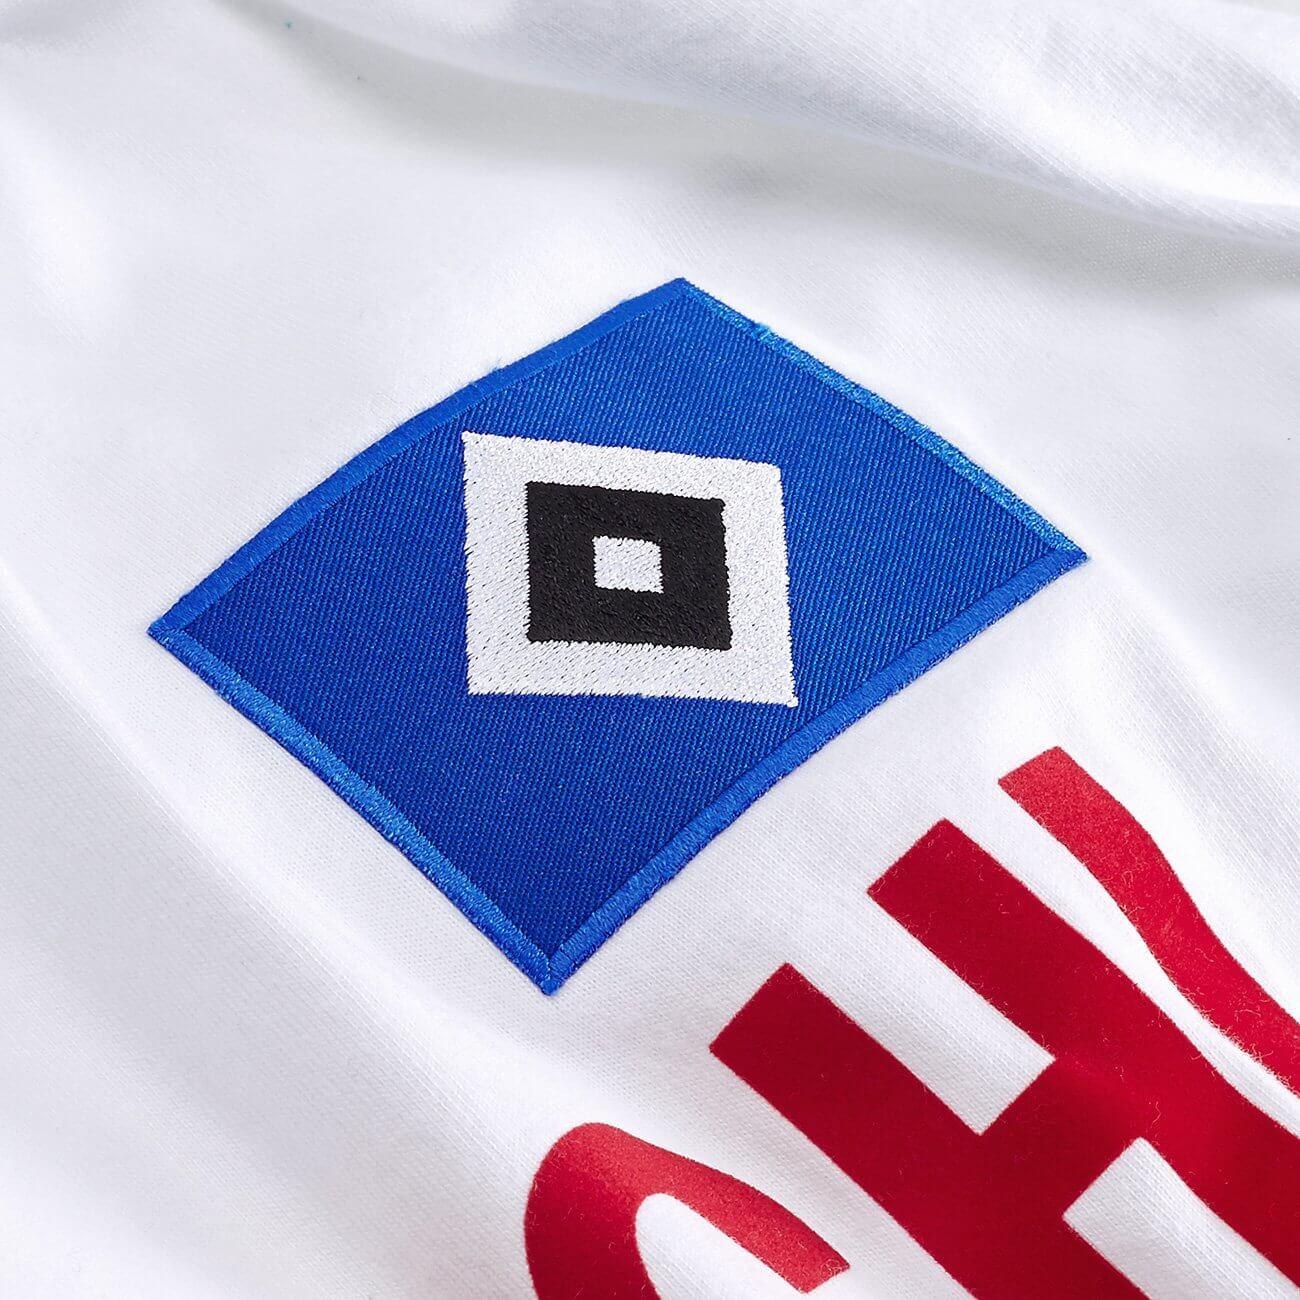 HAMBURGER SV ADIDAS Retro HSV Trikot Shirt Jersey HRUBESCH